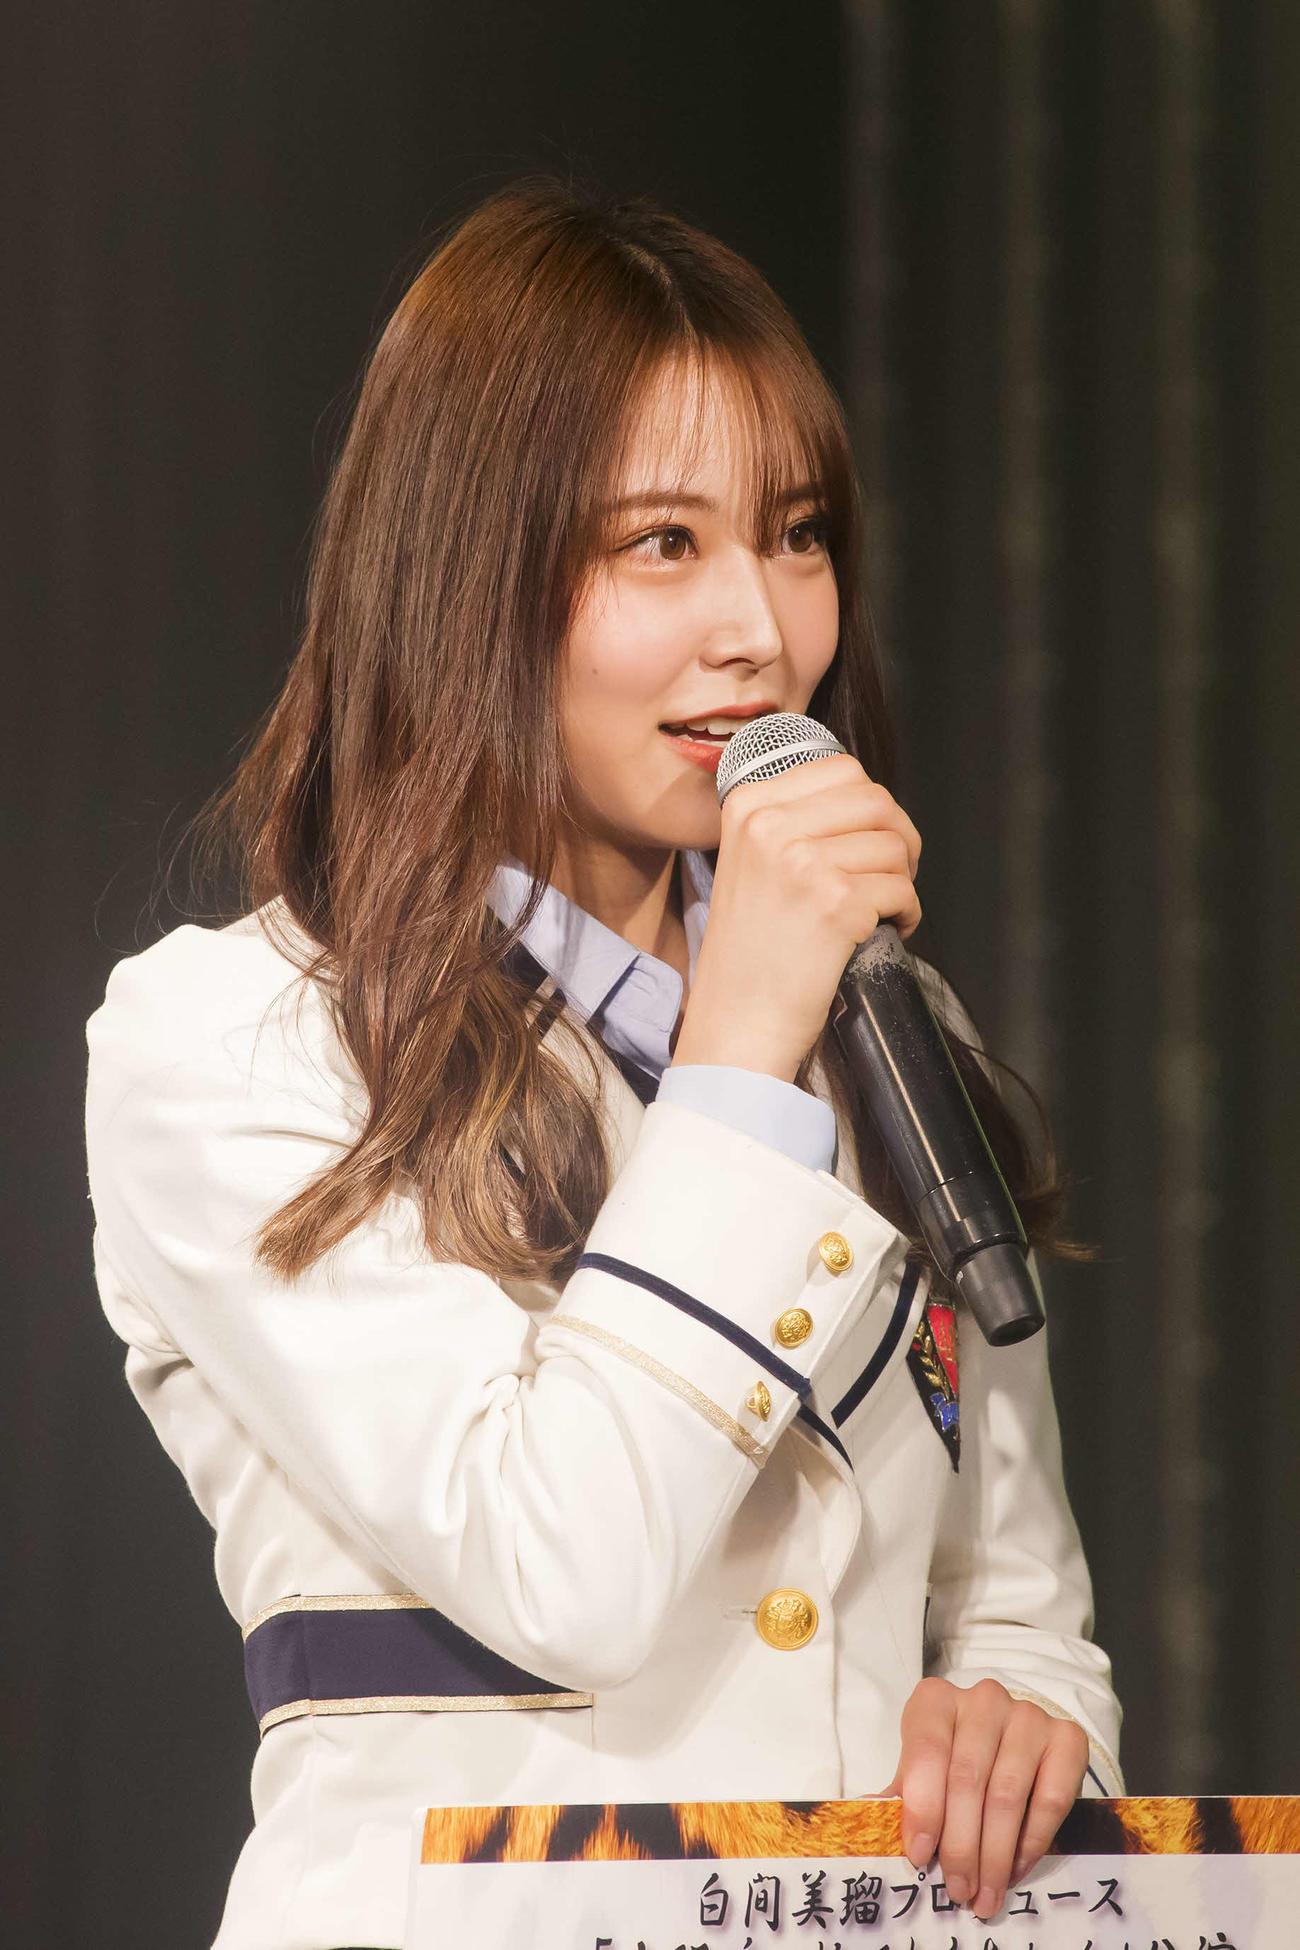 25枚目シングルでセンターを務めることが決まった白間美瑠(C)NMB48